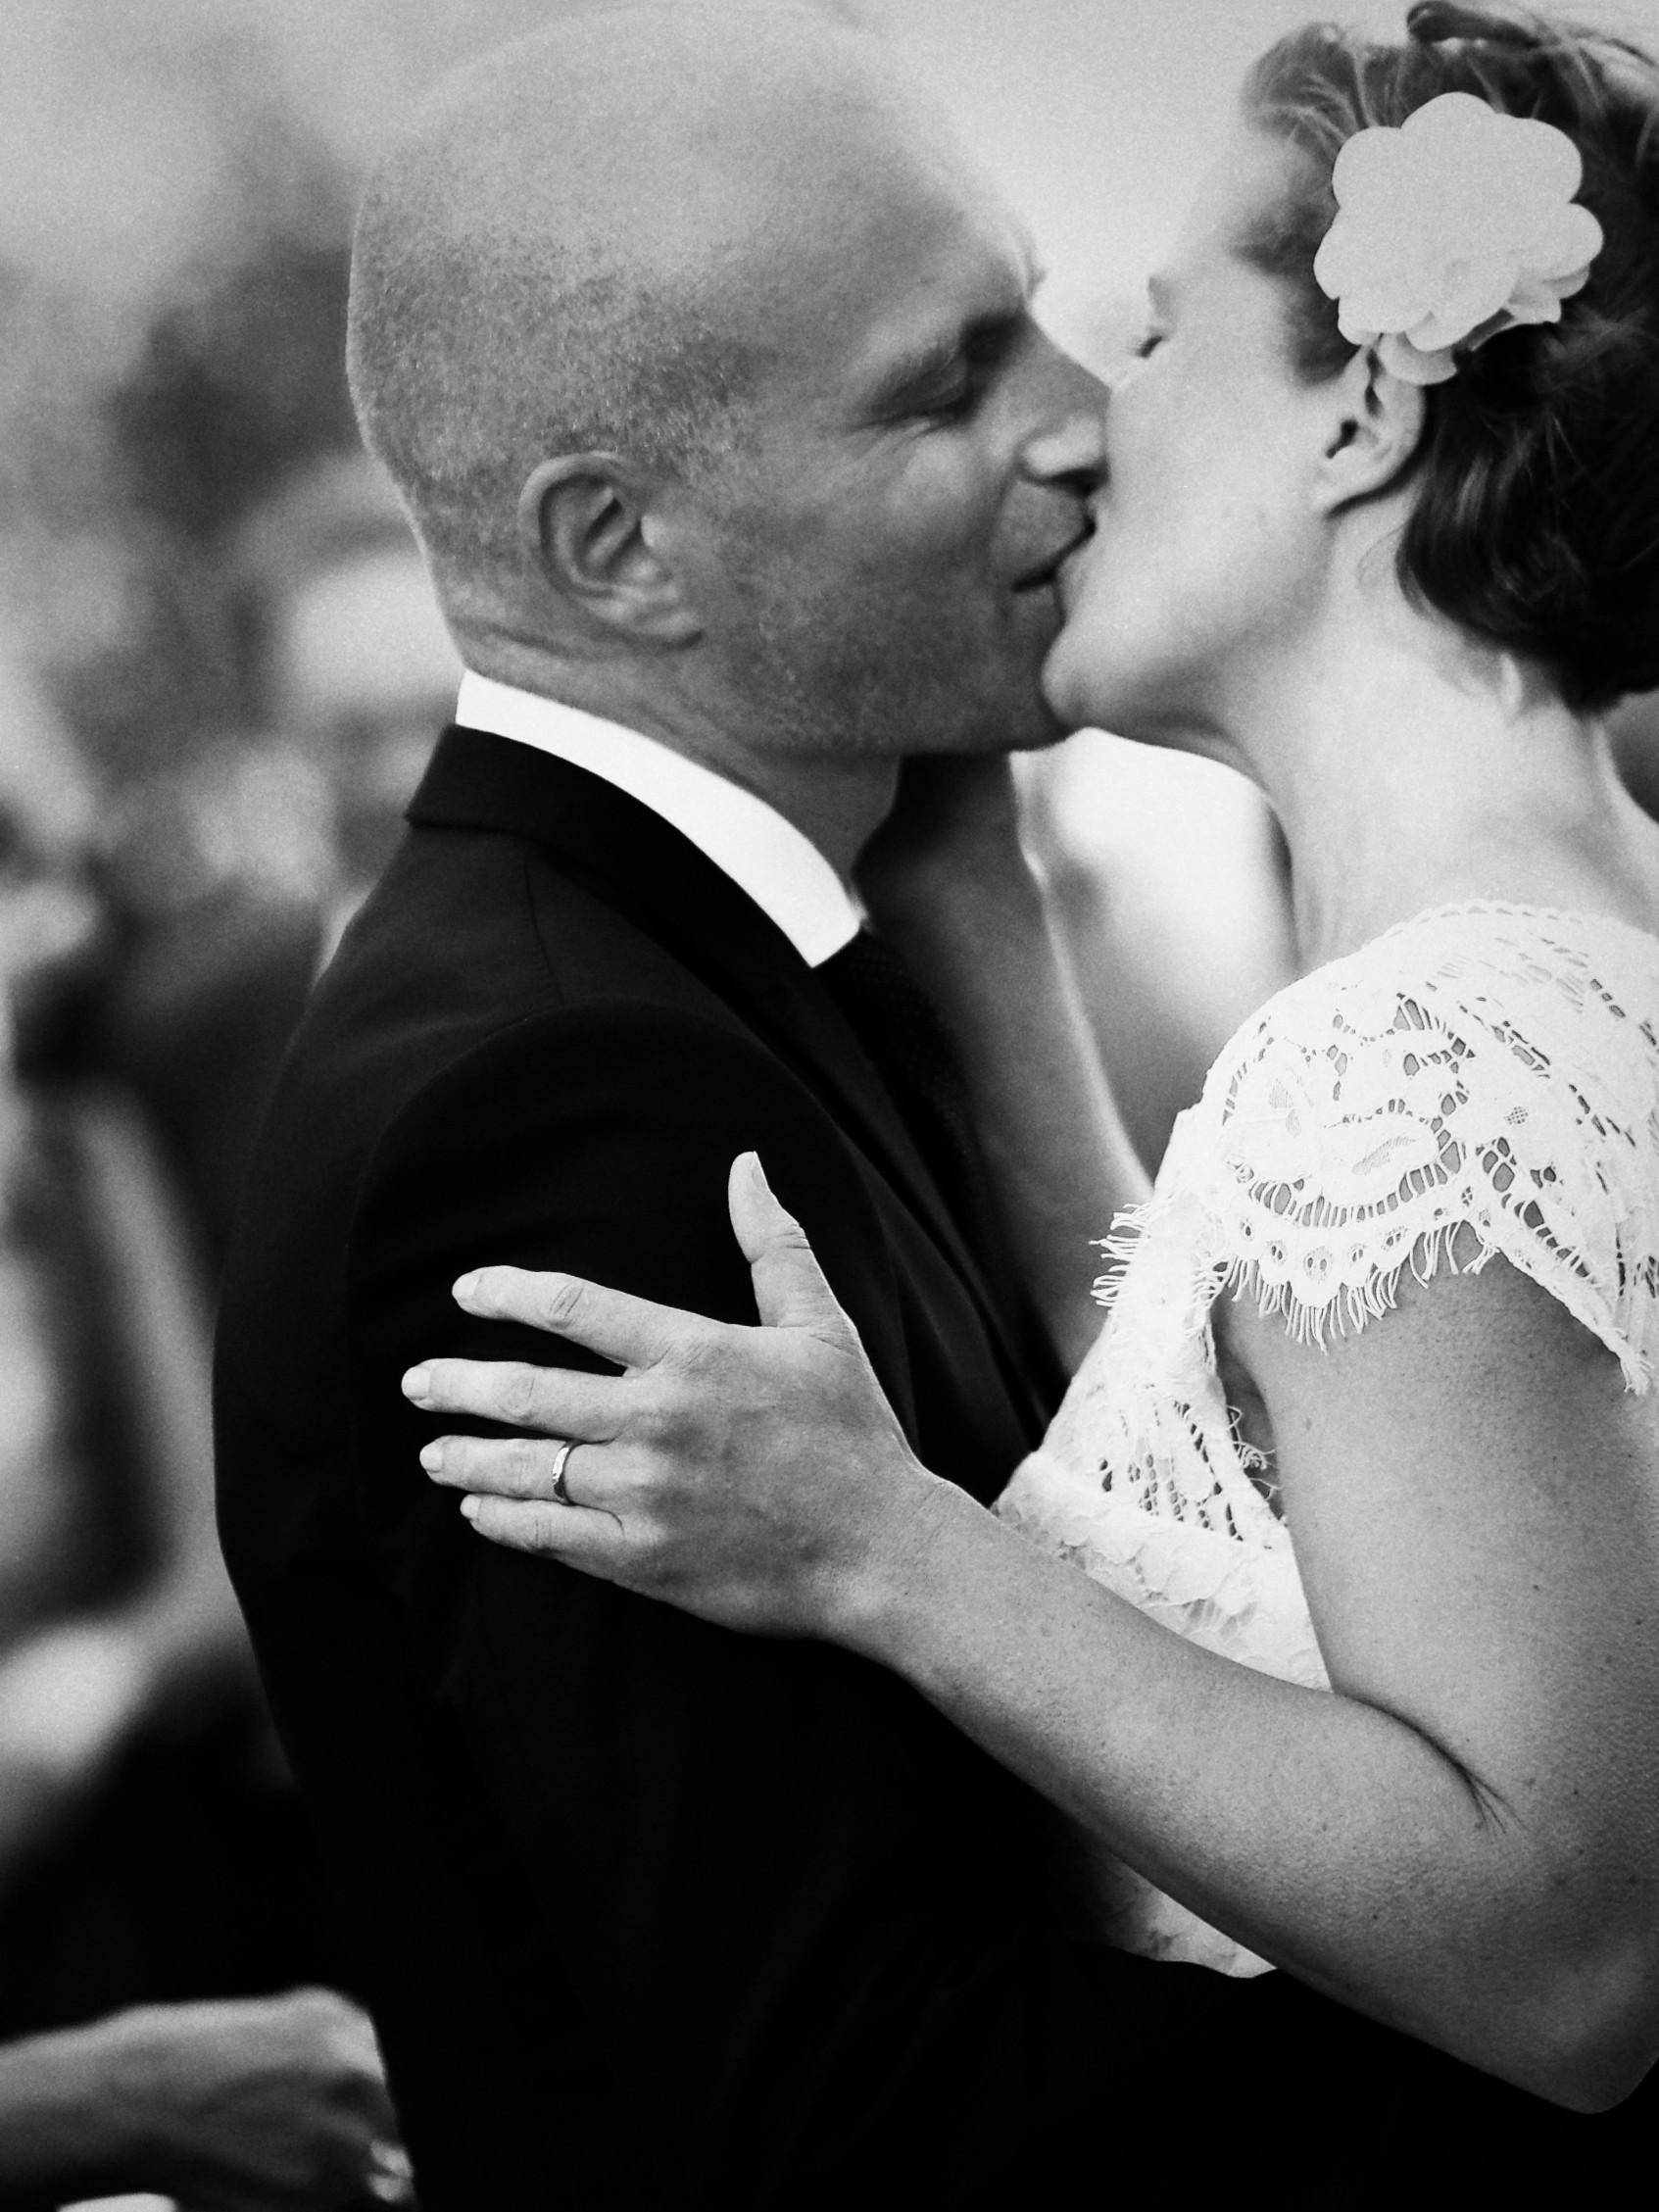 Linda och Magnus, första kyssen